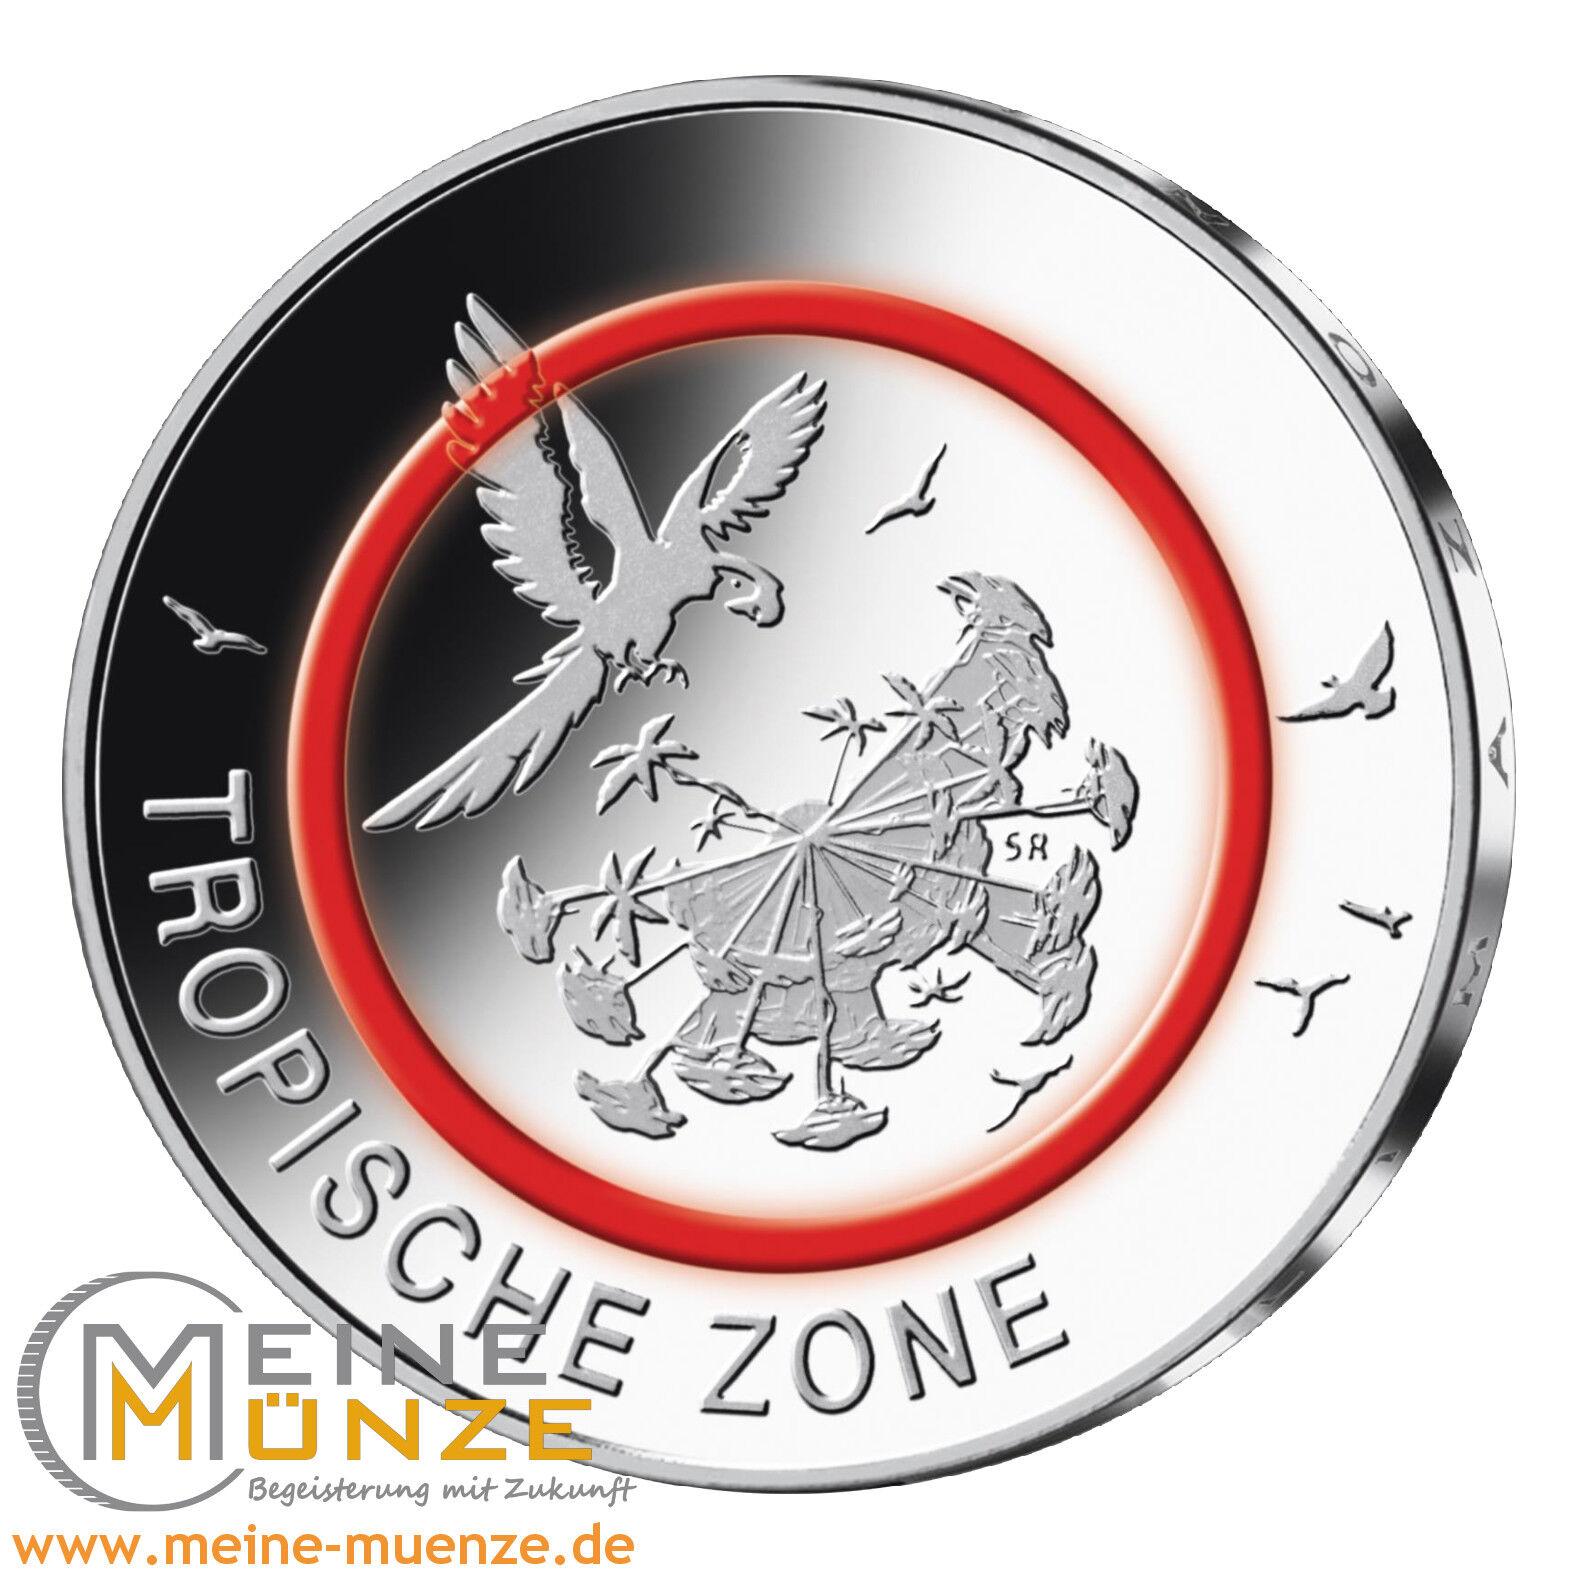 5 Euro Münze Tropische Zone Deutschland 2017 Stempelglanz mit Kapsel + Infoflyer